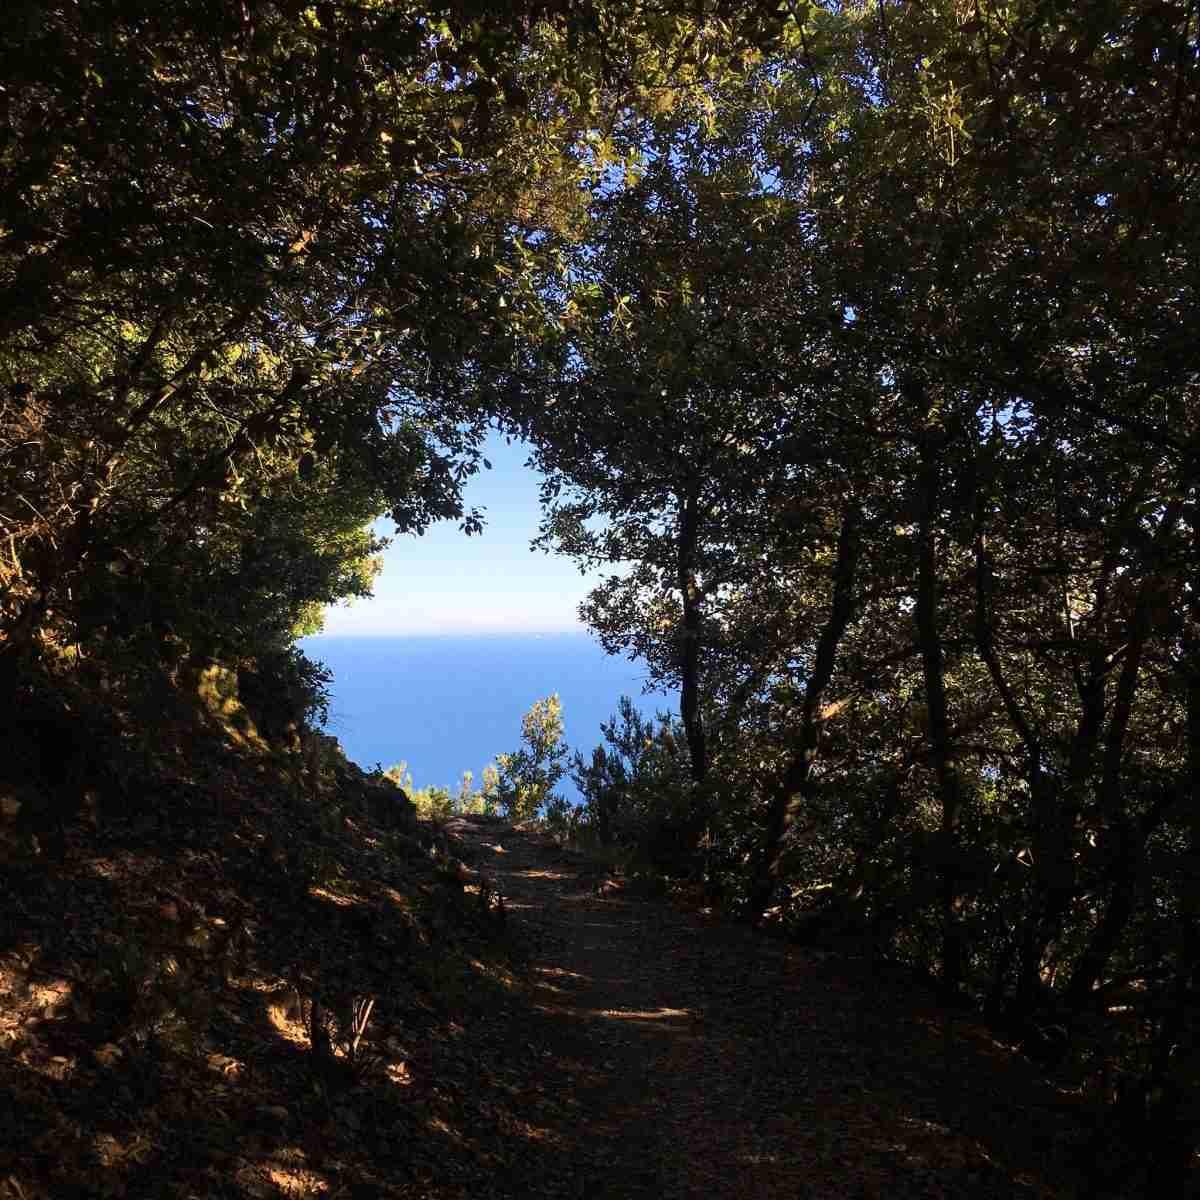 Wanderweg im Wald mit Sicht aufs Meer